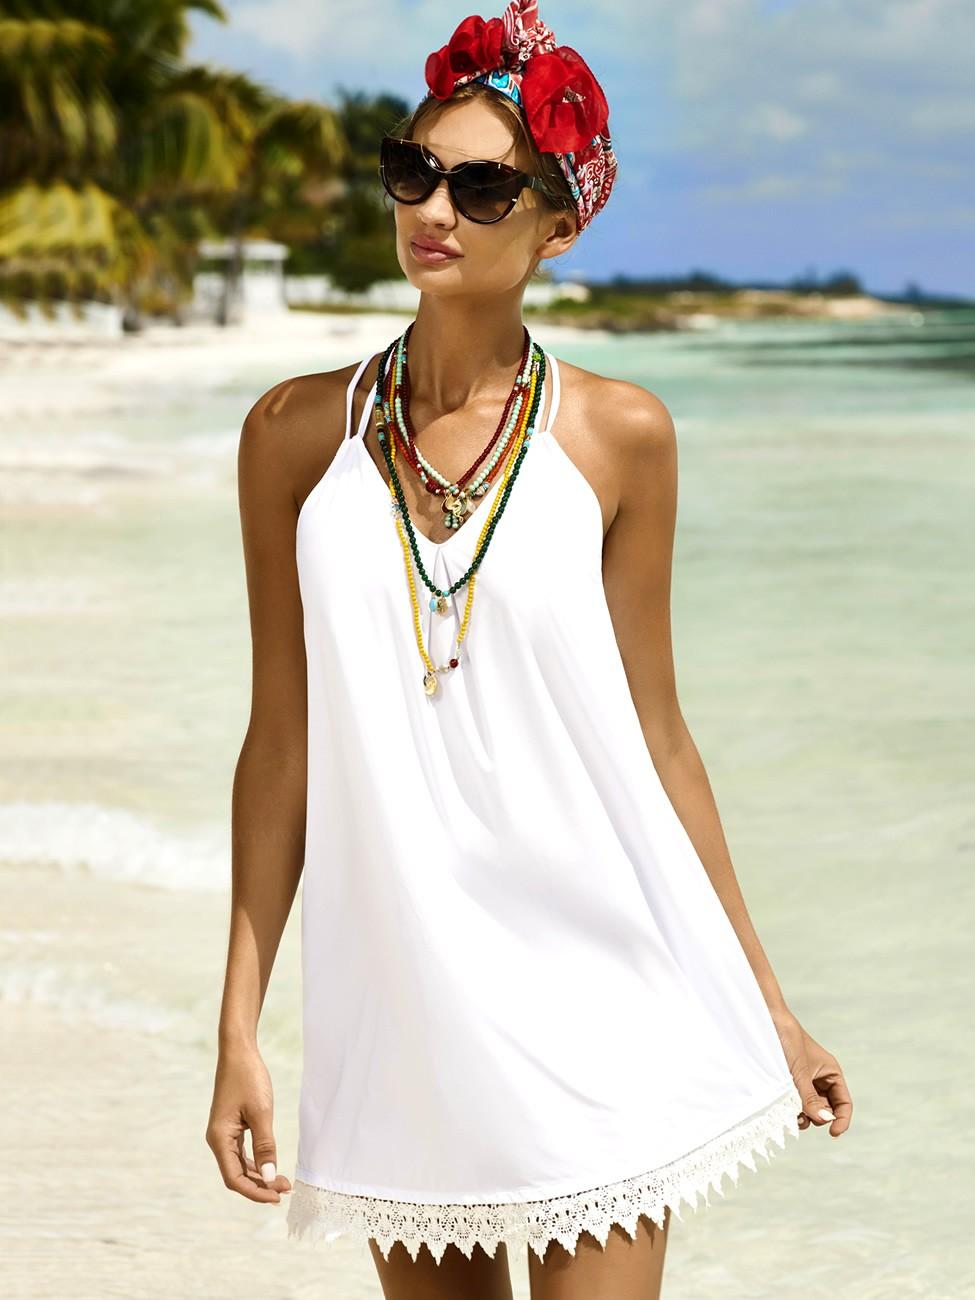 Фото нарядов на пляж для девушек